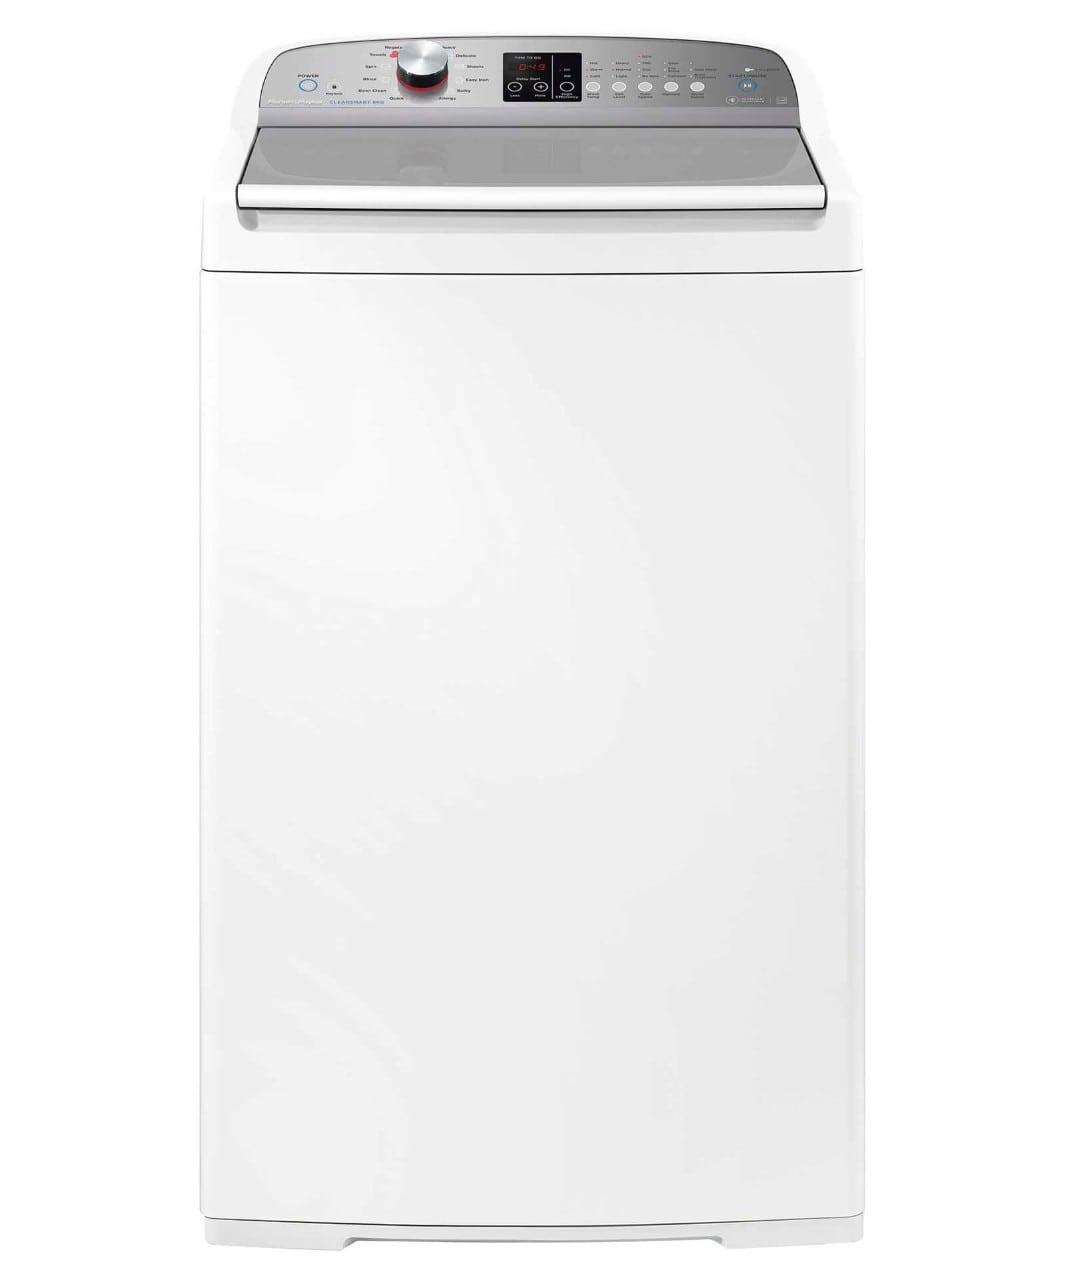 Fisher & Paykel WL8060P1 8kg Top Load Washing Machine ...